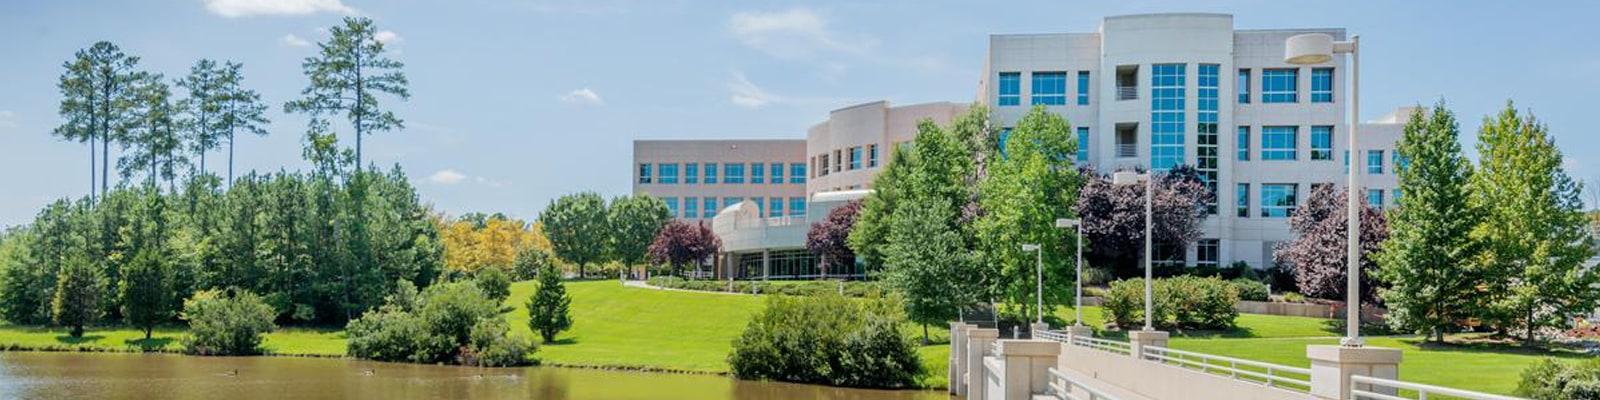 RTP Building 8 Exterior